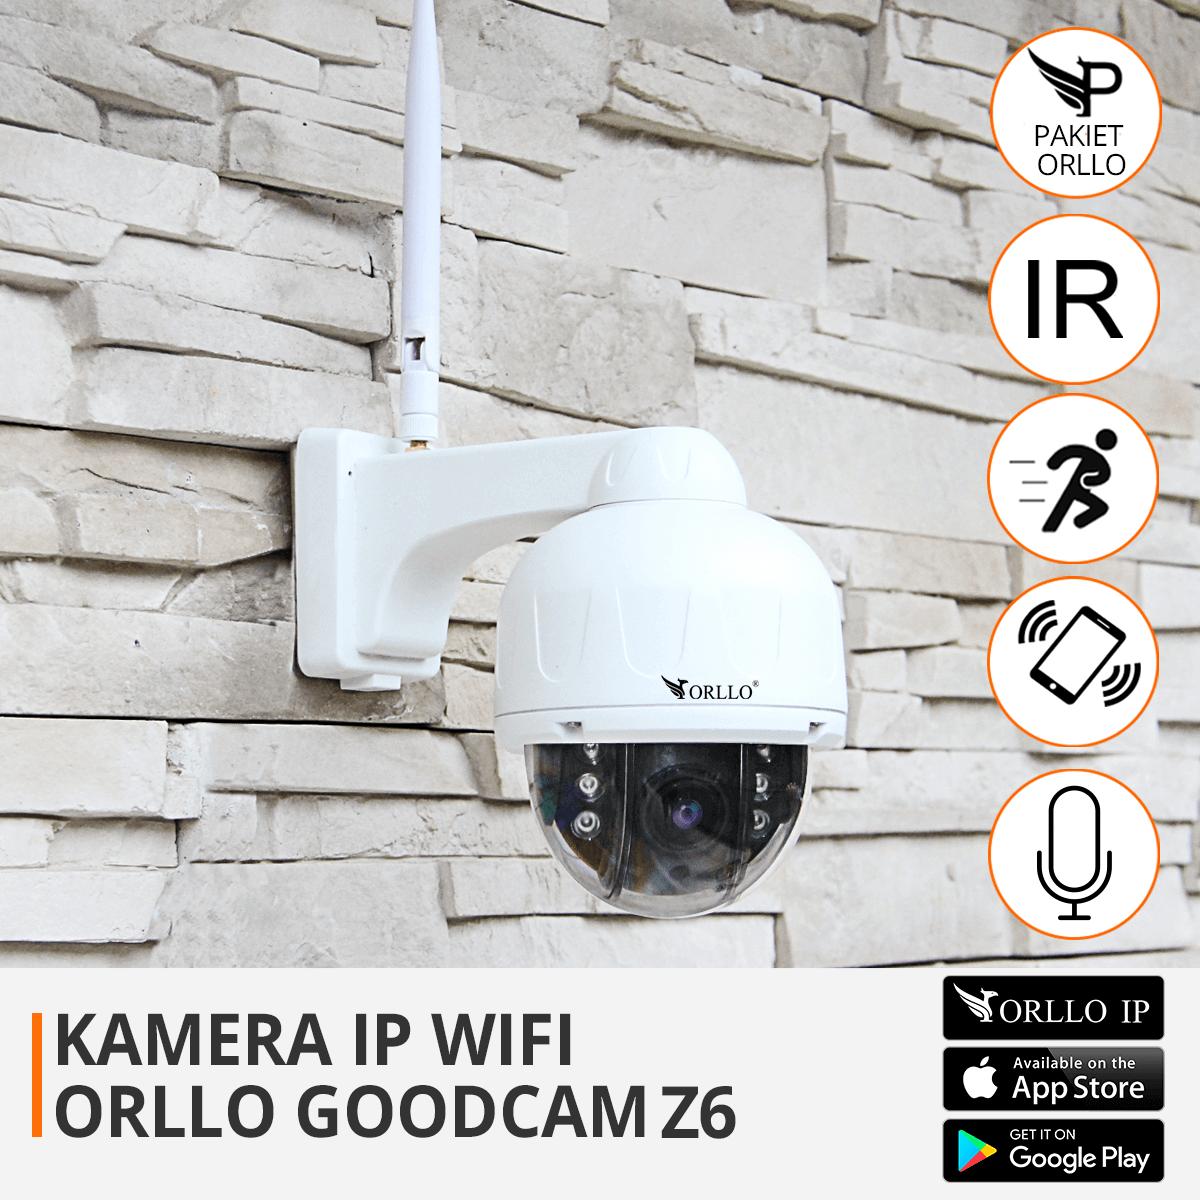 kamera Ip bezprzewodowa obrotowa z zoom funkcje orllo.pl